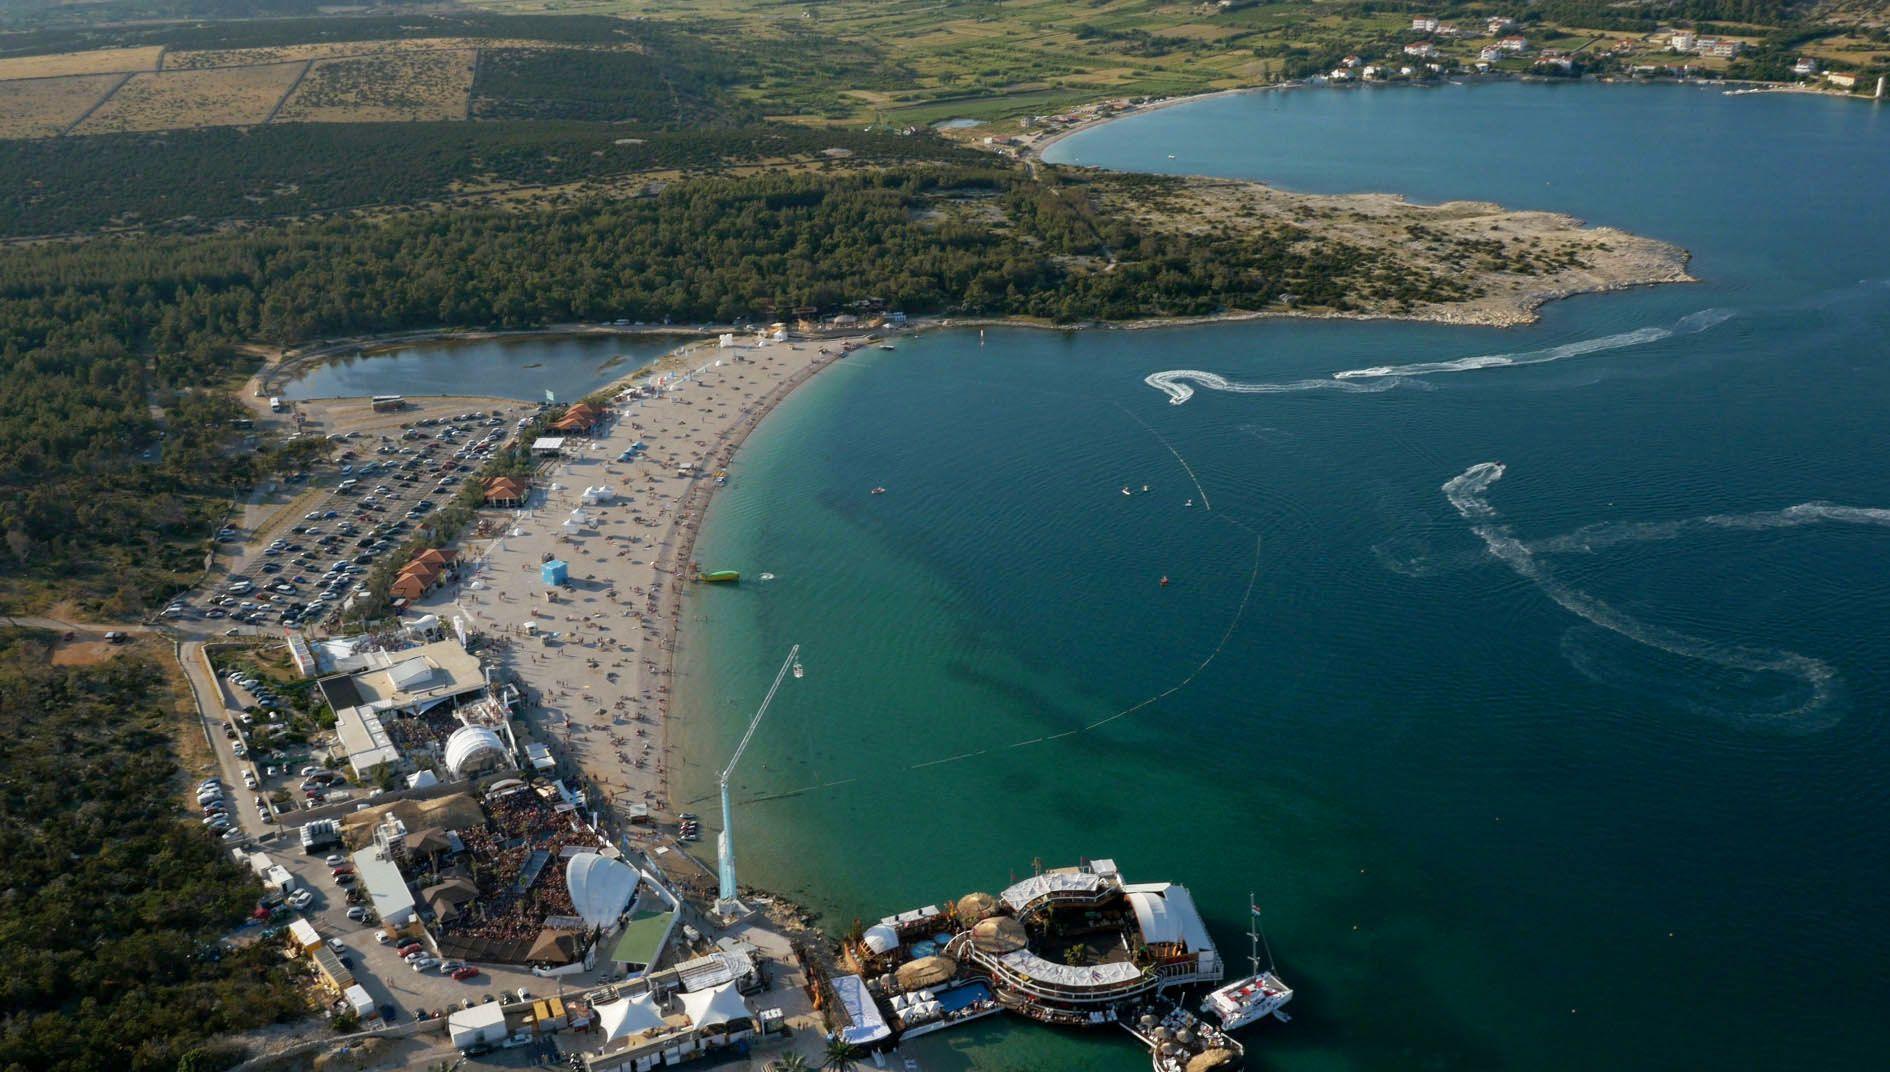 Zrce Beach in Novalja Croatia